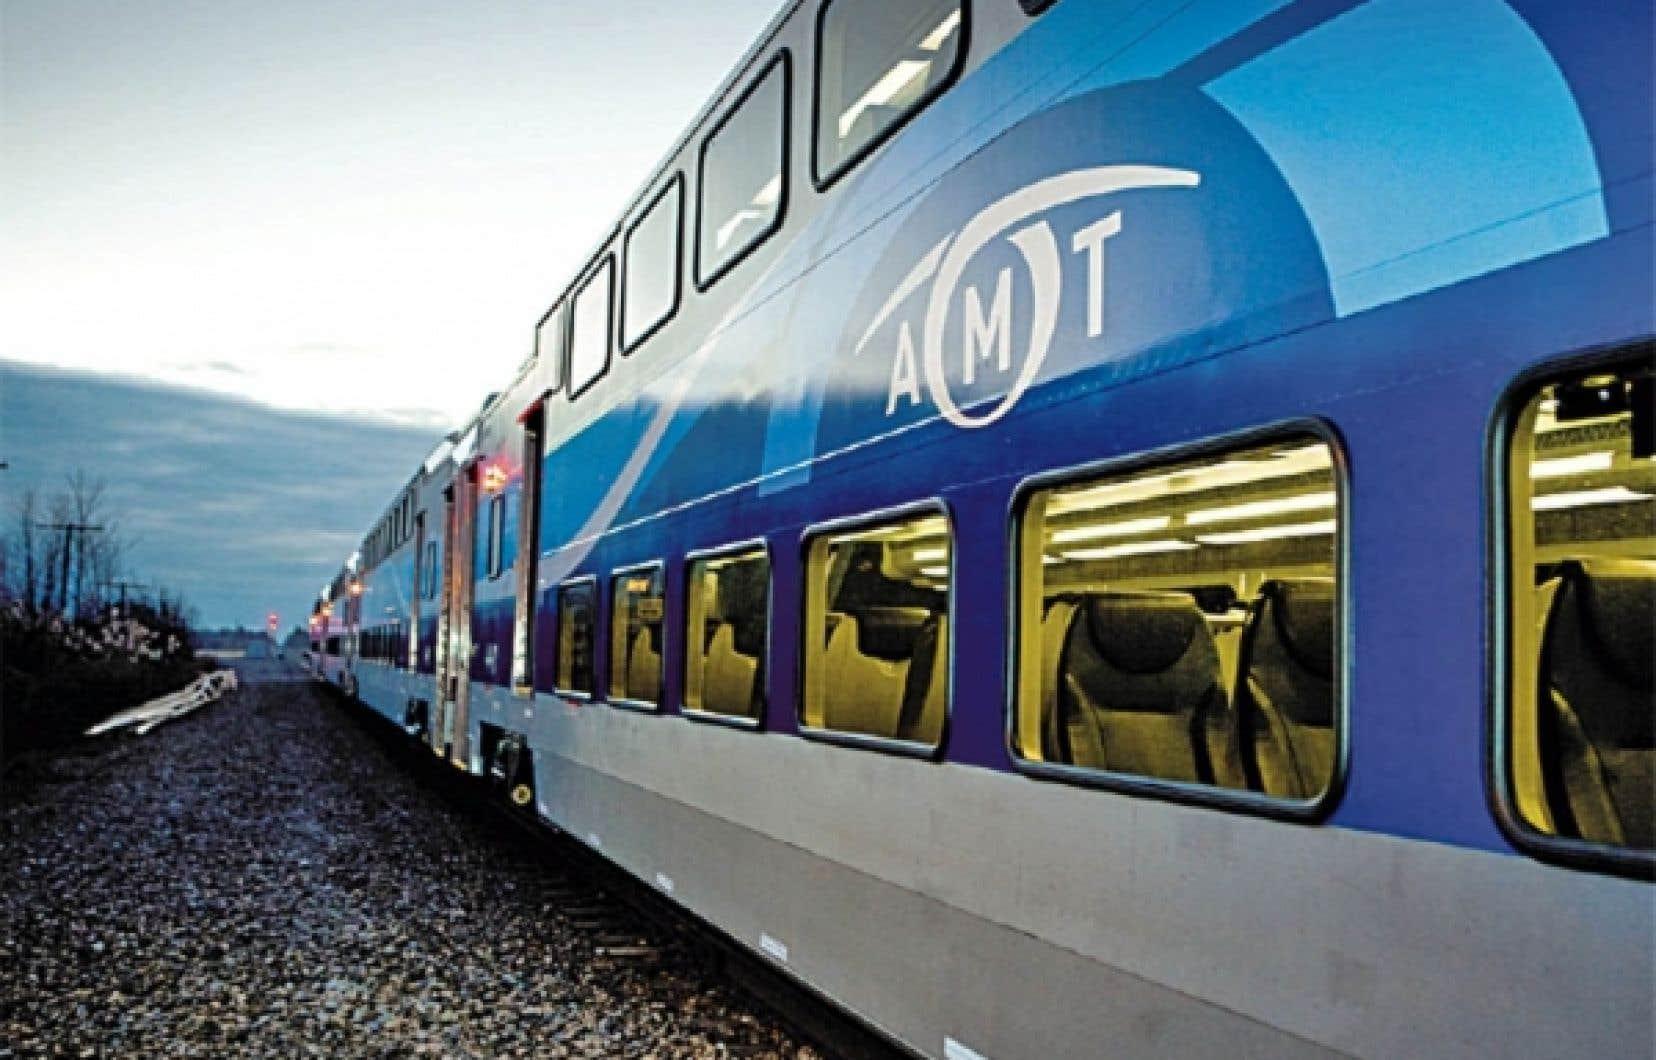 Au-delà des questions de structures et de gouvernance concernant l'Agence métropolitaine de transport, le financement deviendra l'enjeu principal au cours des prochains mois.